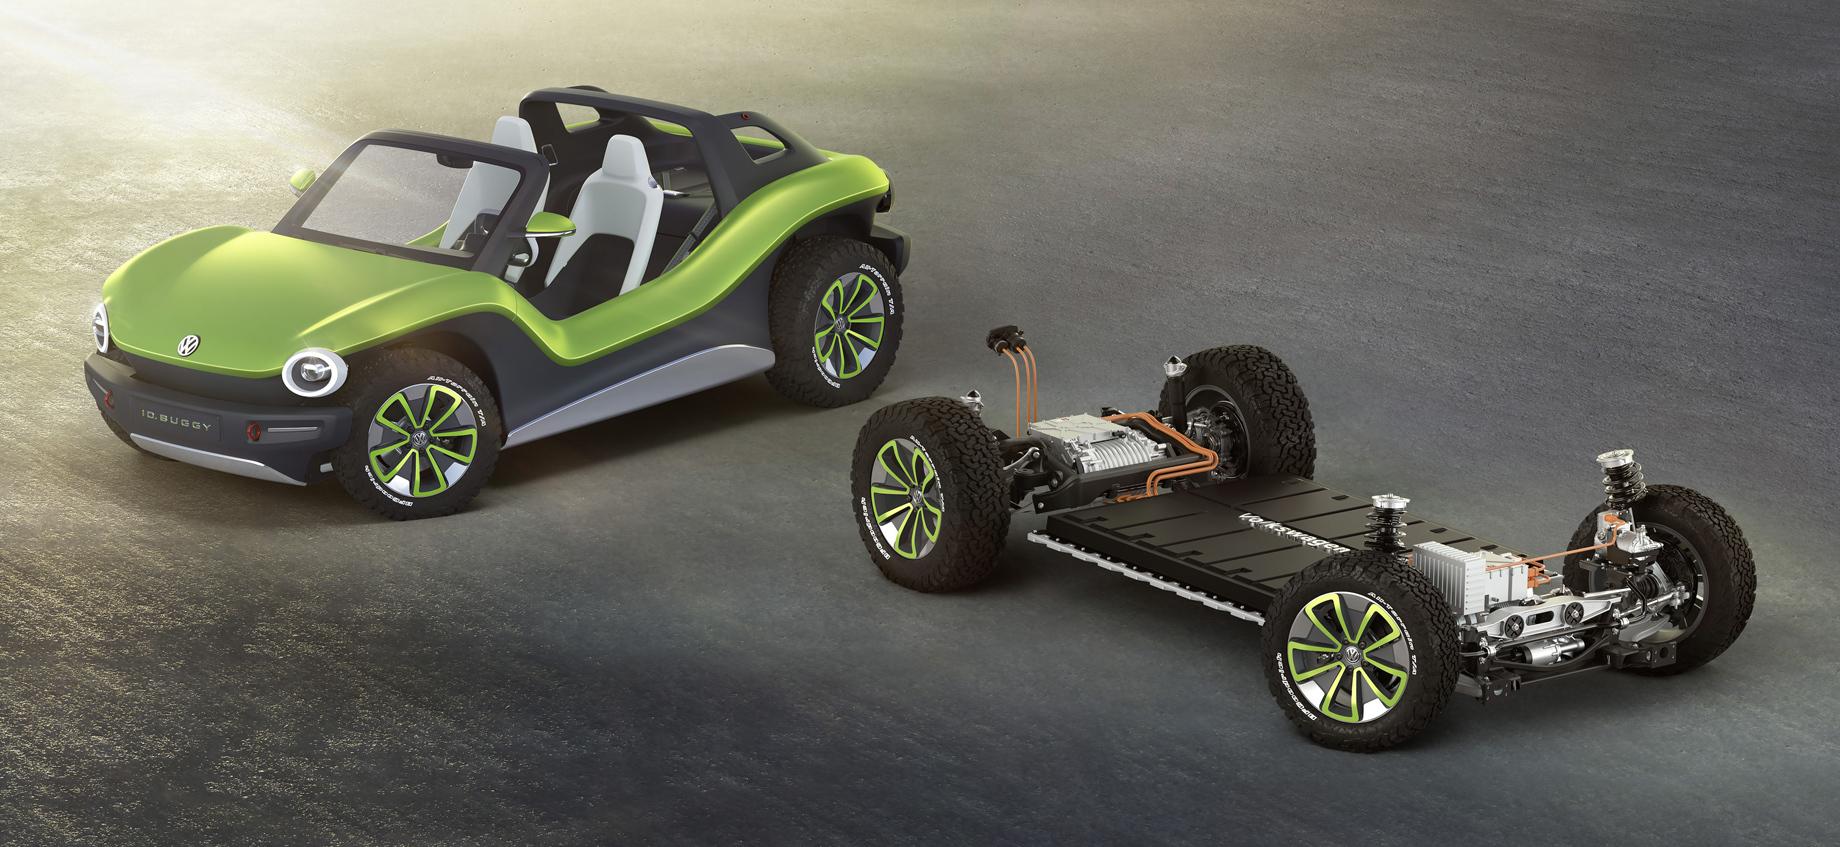 Внедорожник Volkswagen Ruggdzz поведёт засобой другие модели